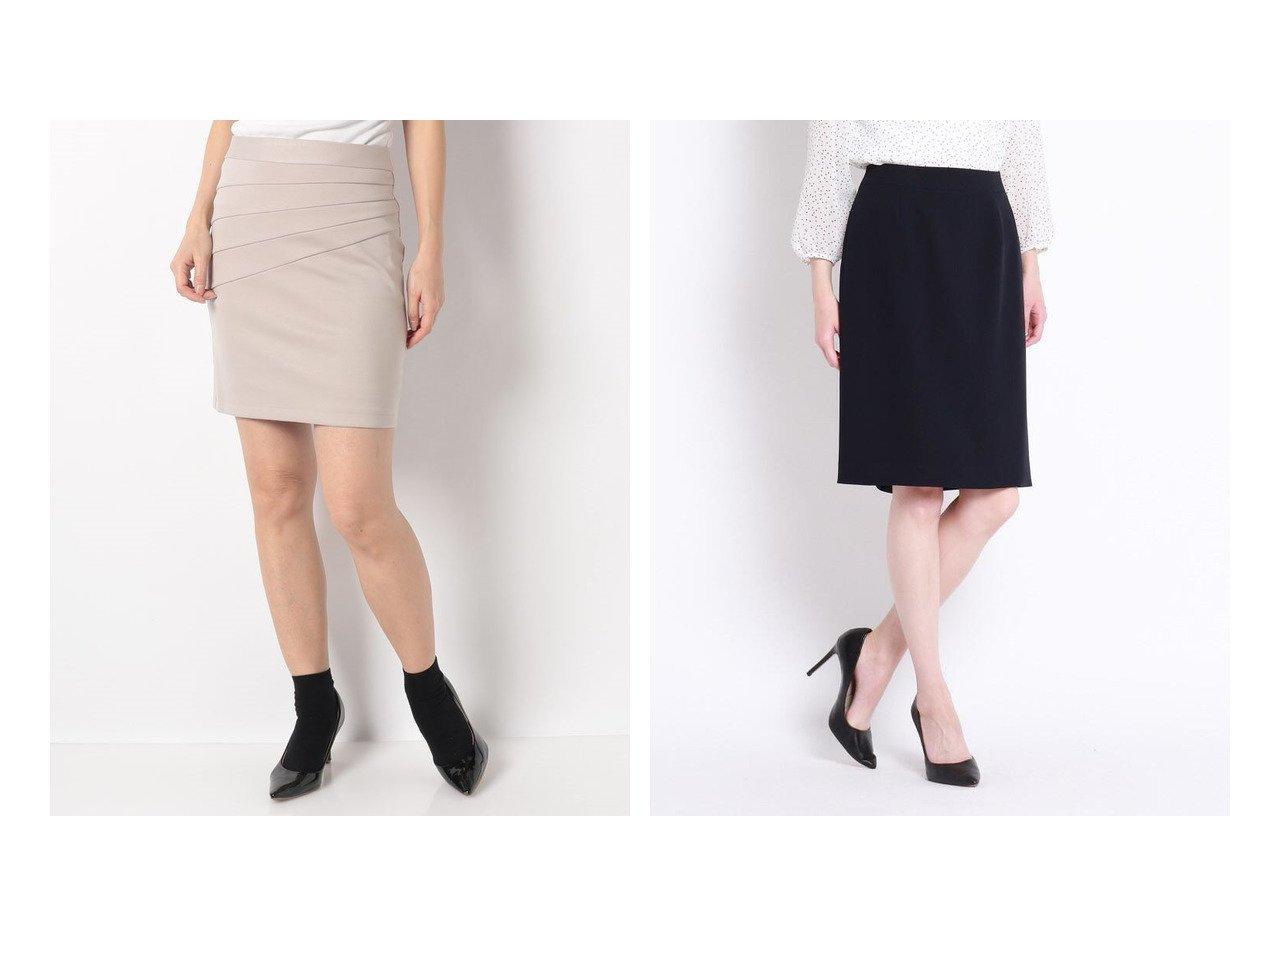 【salire/サリア】の斜め切り替えバンテージスカート&【COUP DE CHANCE/クード シャンス】の【入卒/洗える】ムーンダブルタイトスカート スカートのおすすめ!人気、トレンド・レディースファッションの通販  おすすめで人気の流行・トレンド、ファッションの通販商品 メンズファッション・キッズファッション・インテリア・家具・レディースファッション・服の通販 founy(ファニー) https://founy.com/ ファッション Fashion レディースファッション WOMEN スカート Skirt スーツ Suits スーツ スカート Skirt NEW・新作・新着・新入荷 New Arrivals エレガント タイトスカート スーツ フォーマル 洗える |ID:crp329100000019227